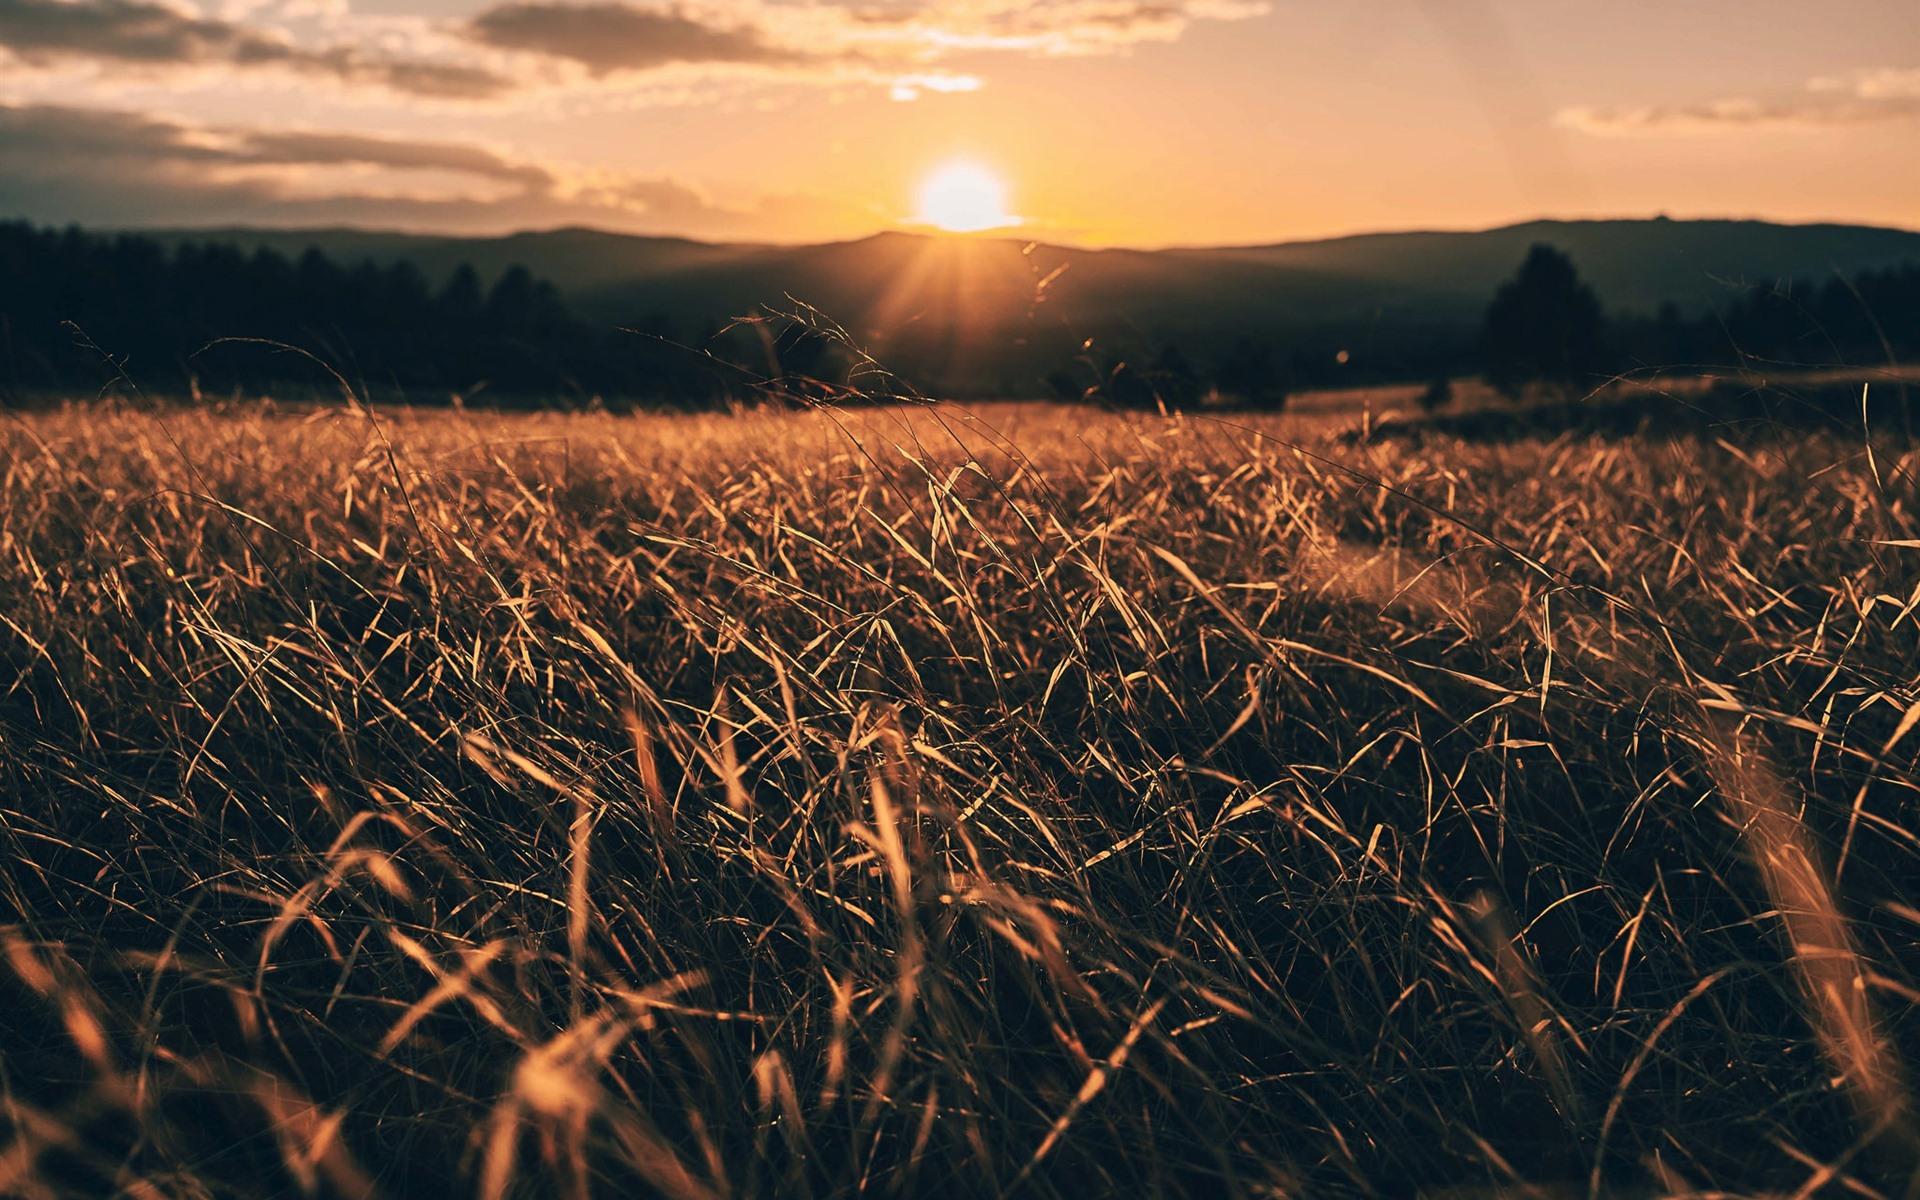 картинки с рассветом и травой